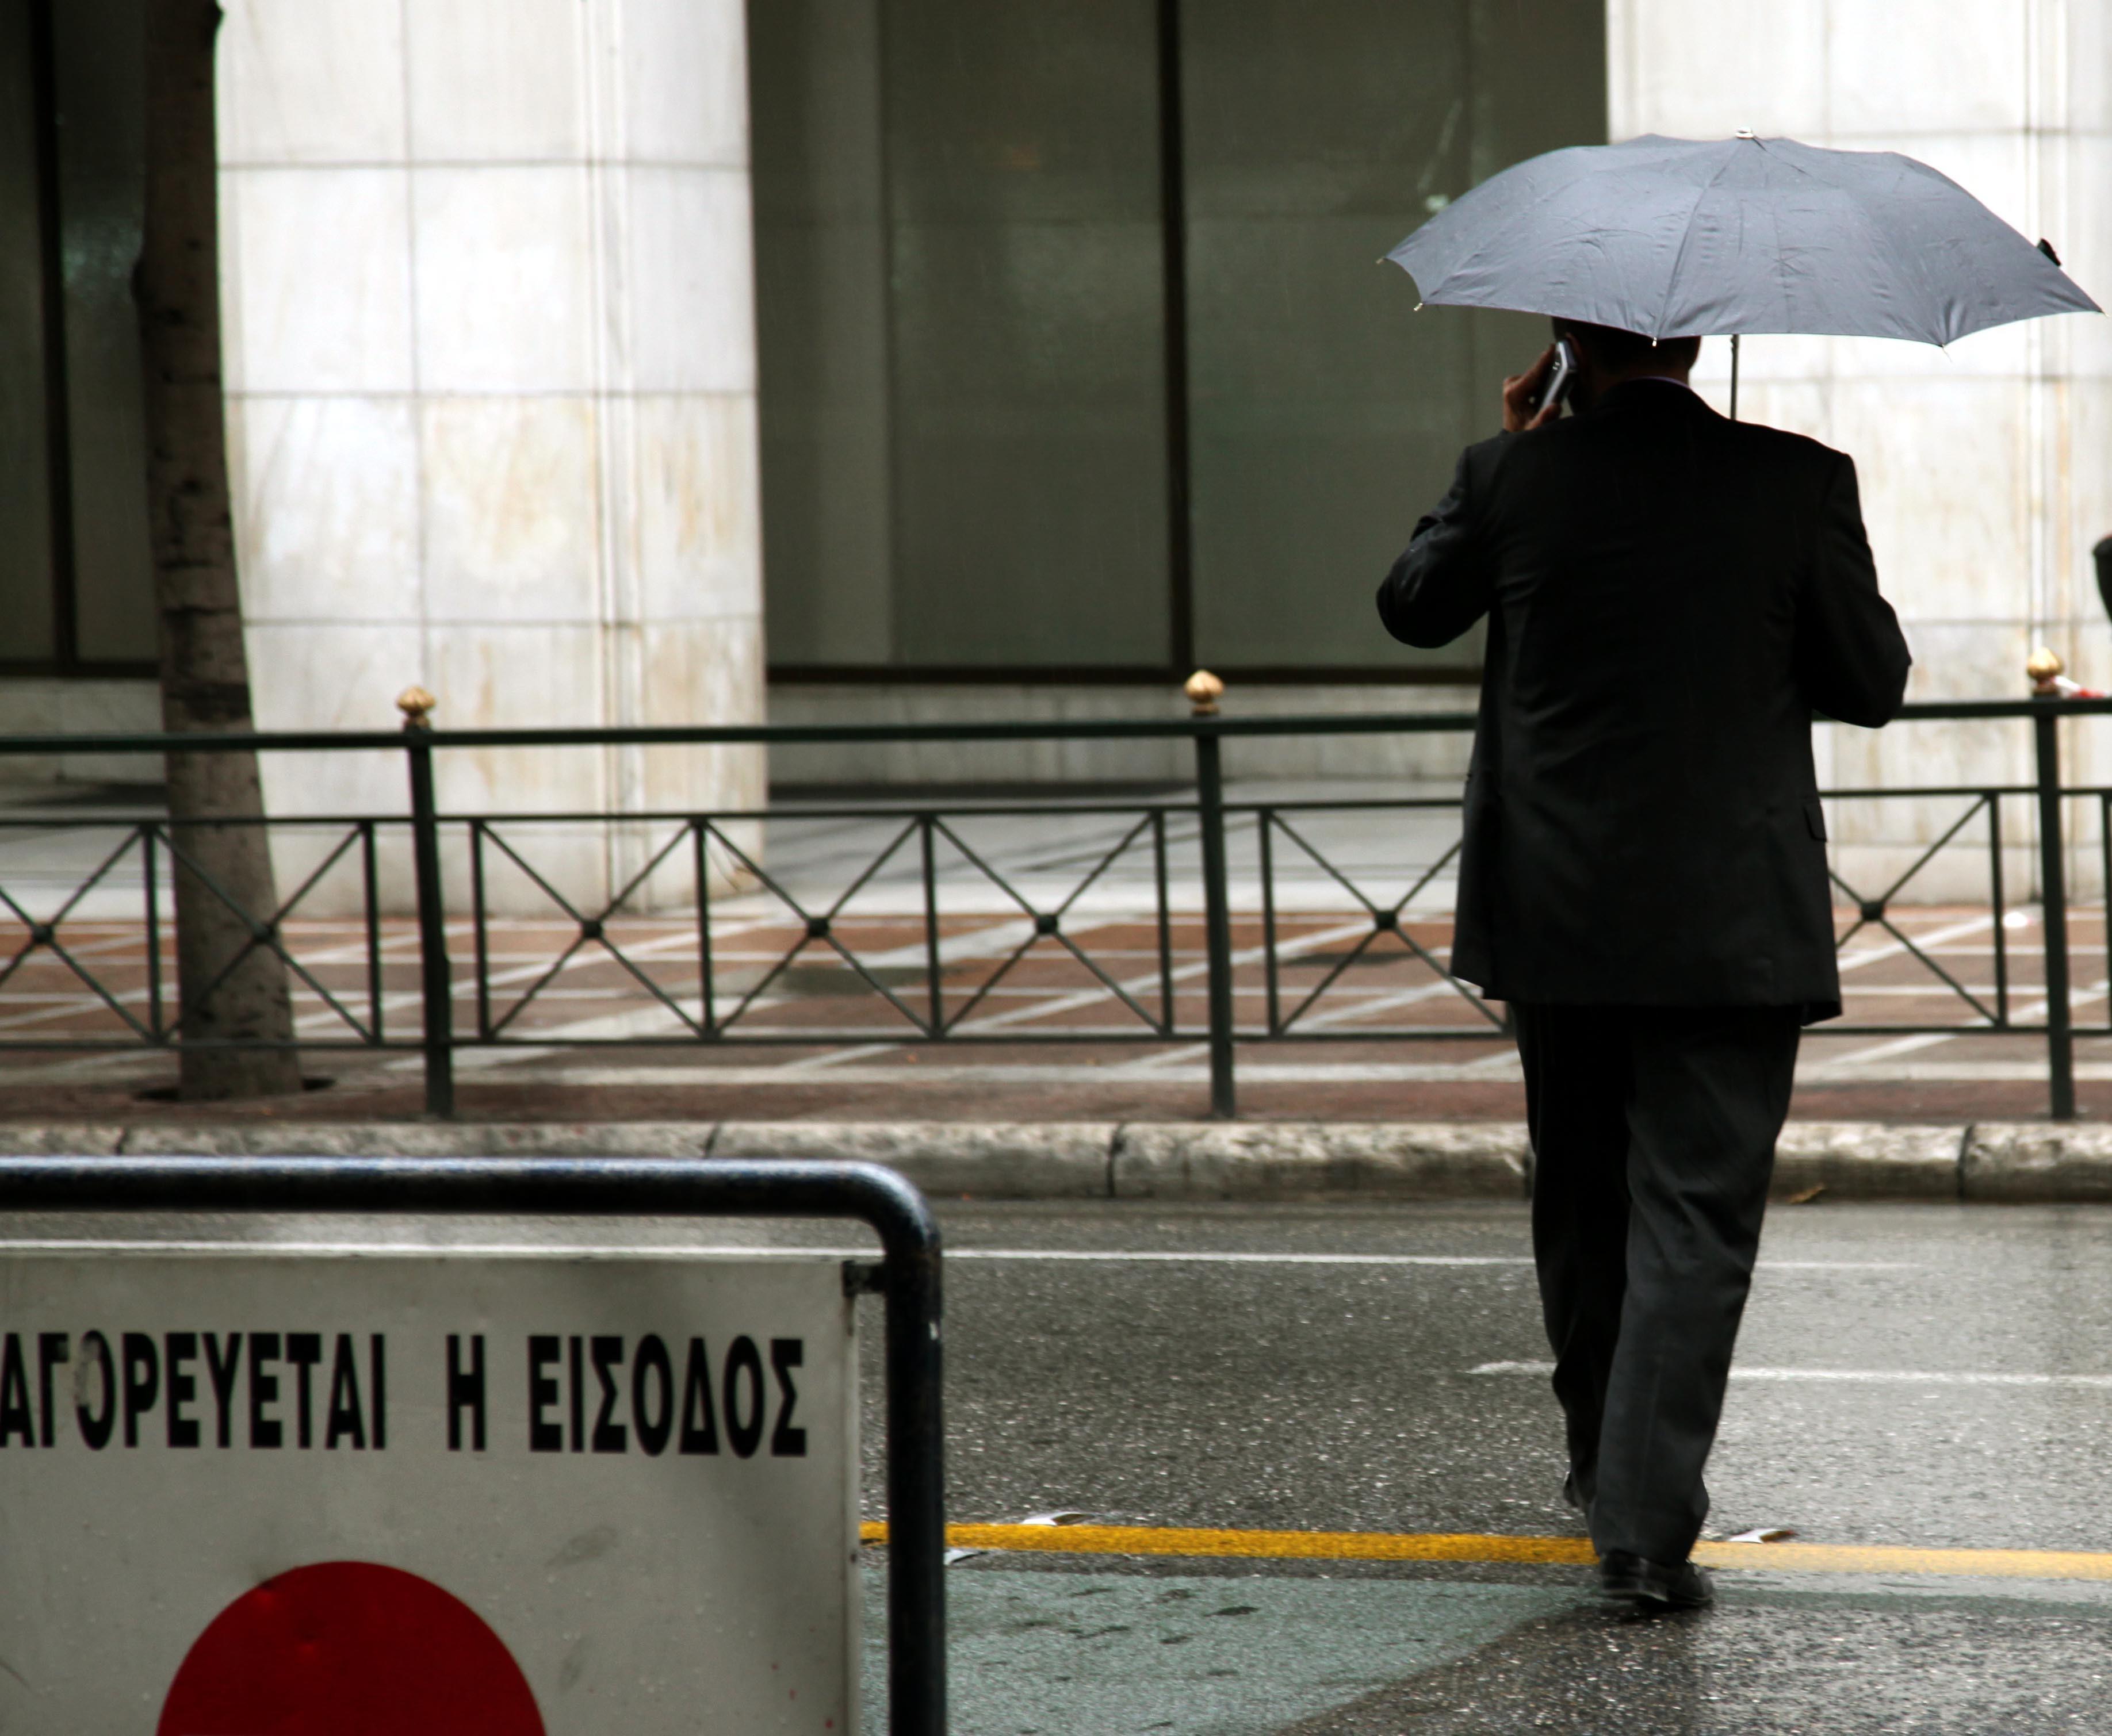 Τοπικές βροχές και καταιγίδες σε όλη τη χώρα